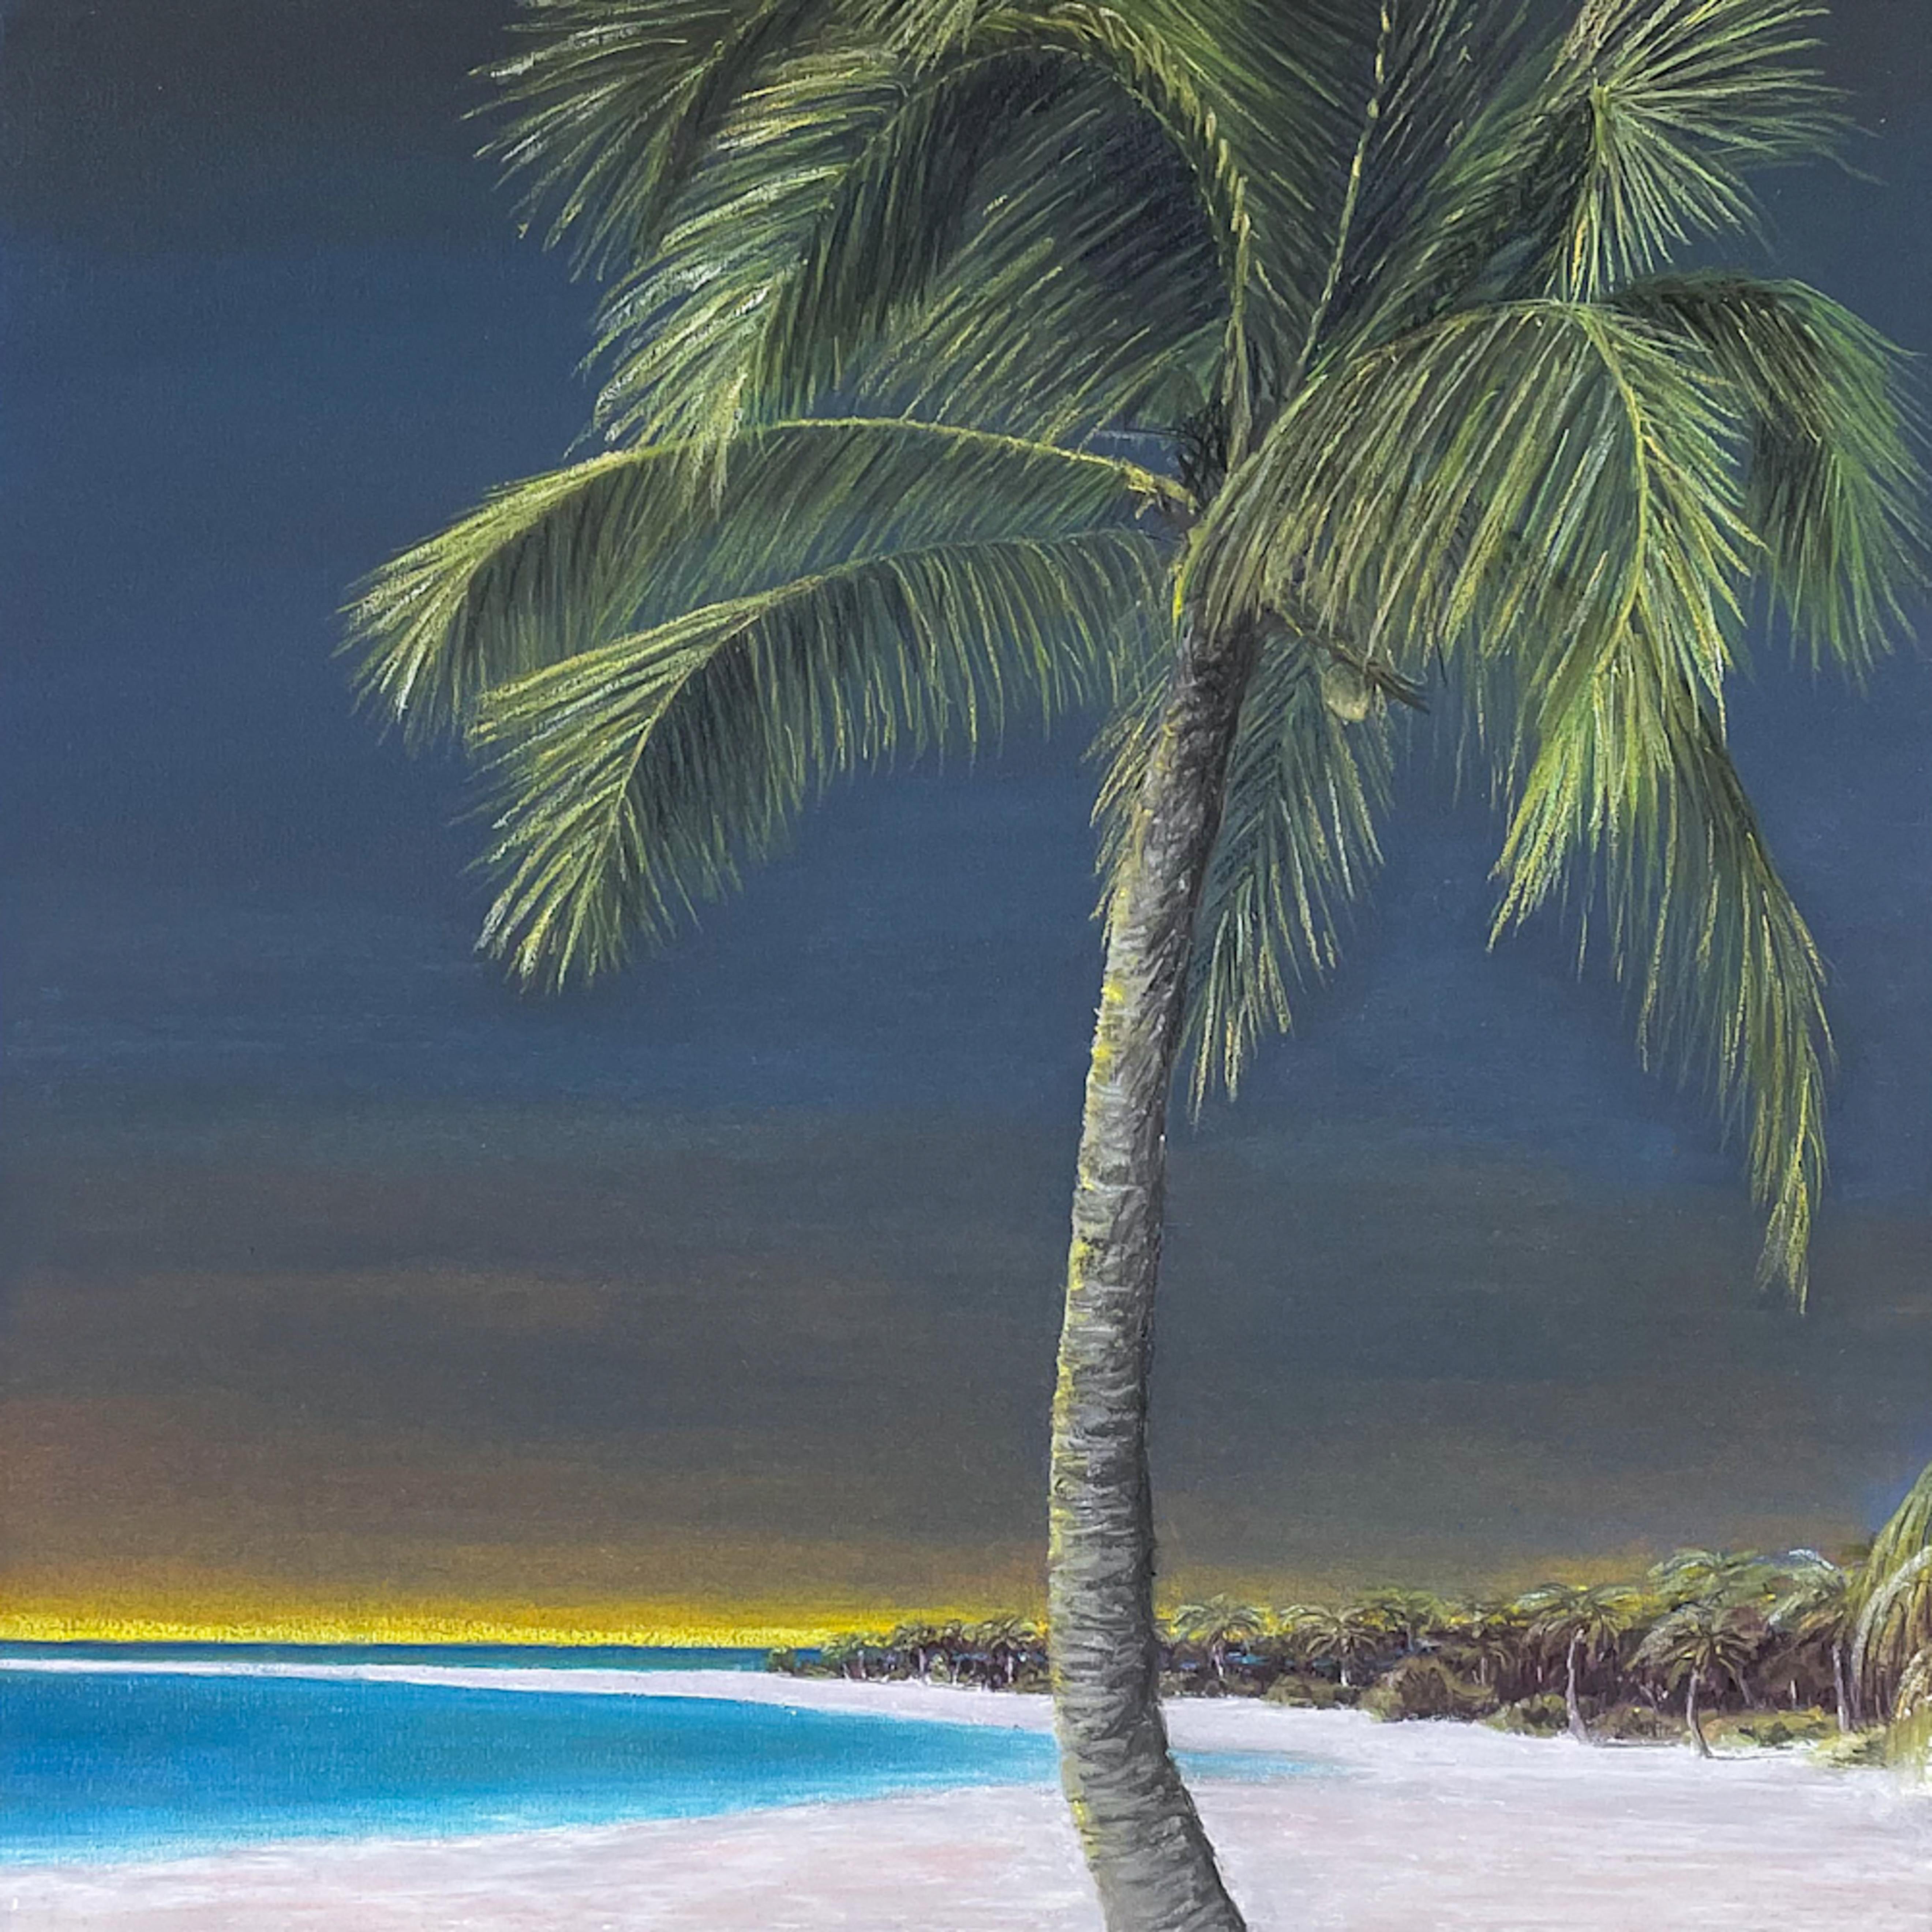 Lone palm dflrcz